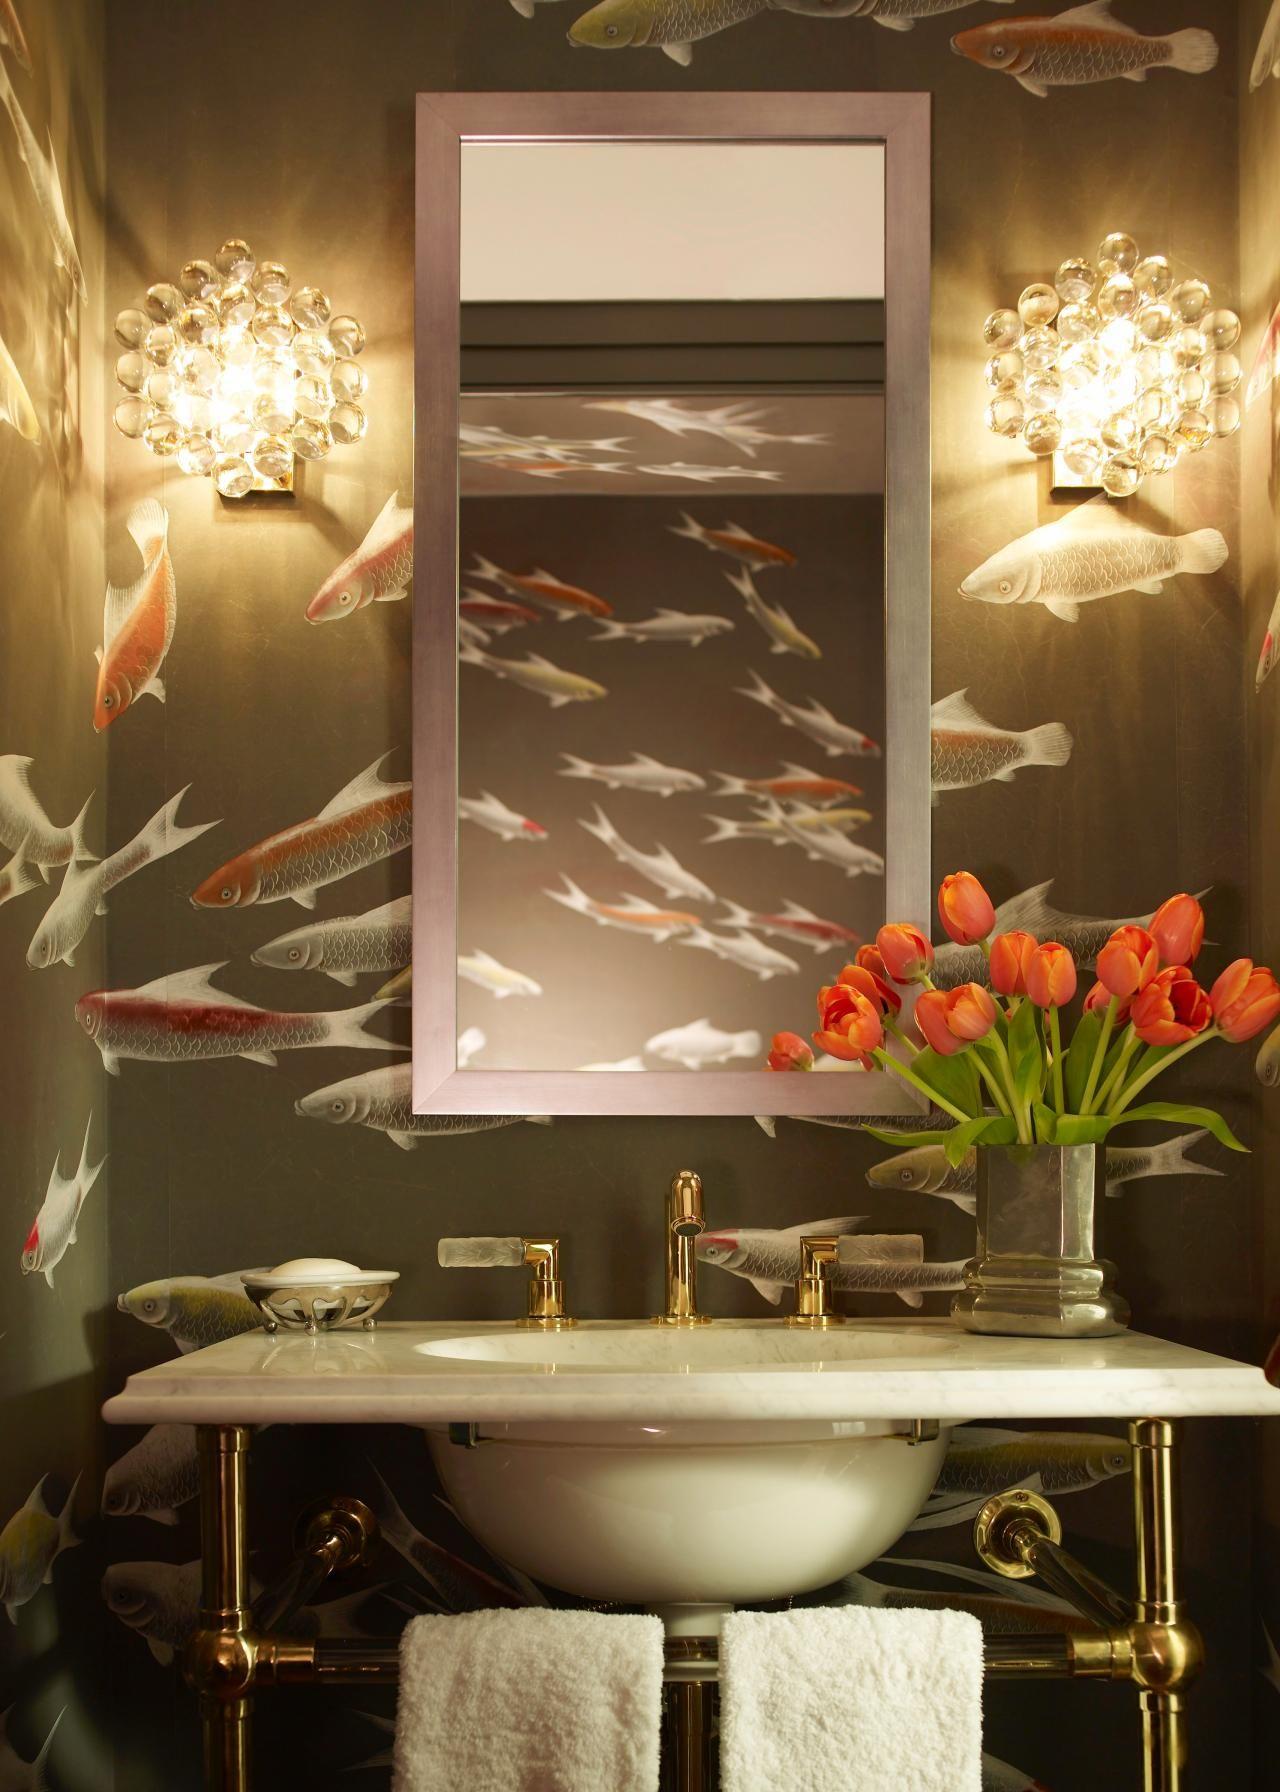 Our Favorite Designer Bathrooms Bathroom Ideas & Design